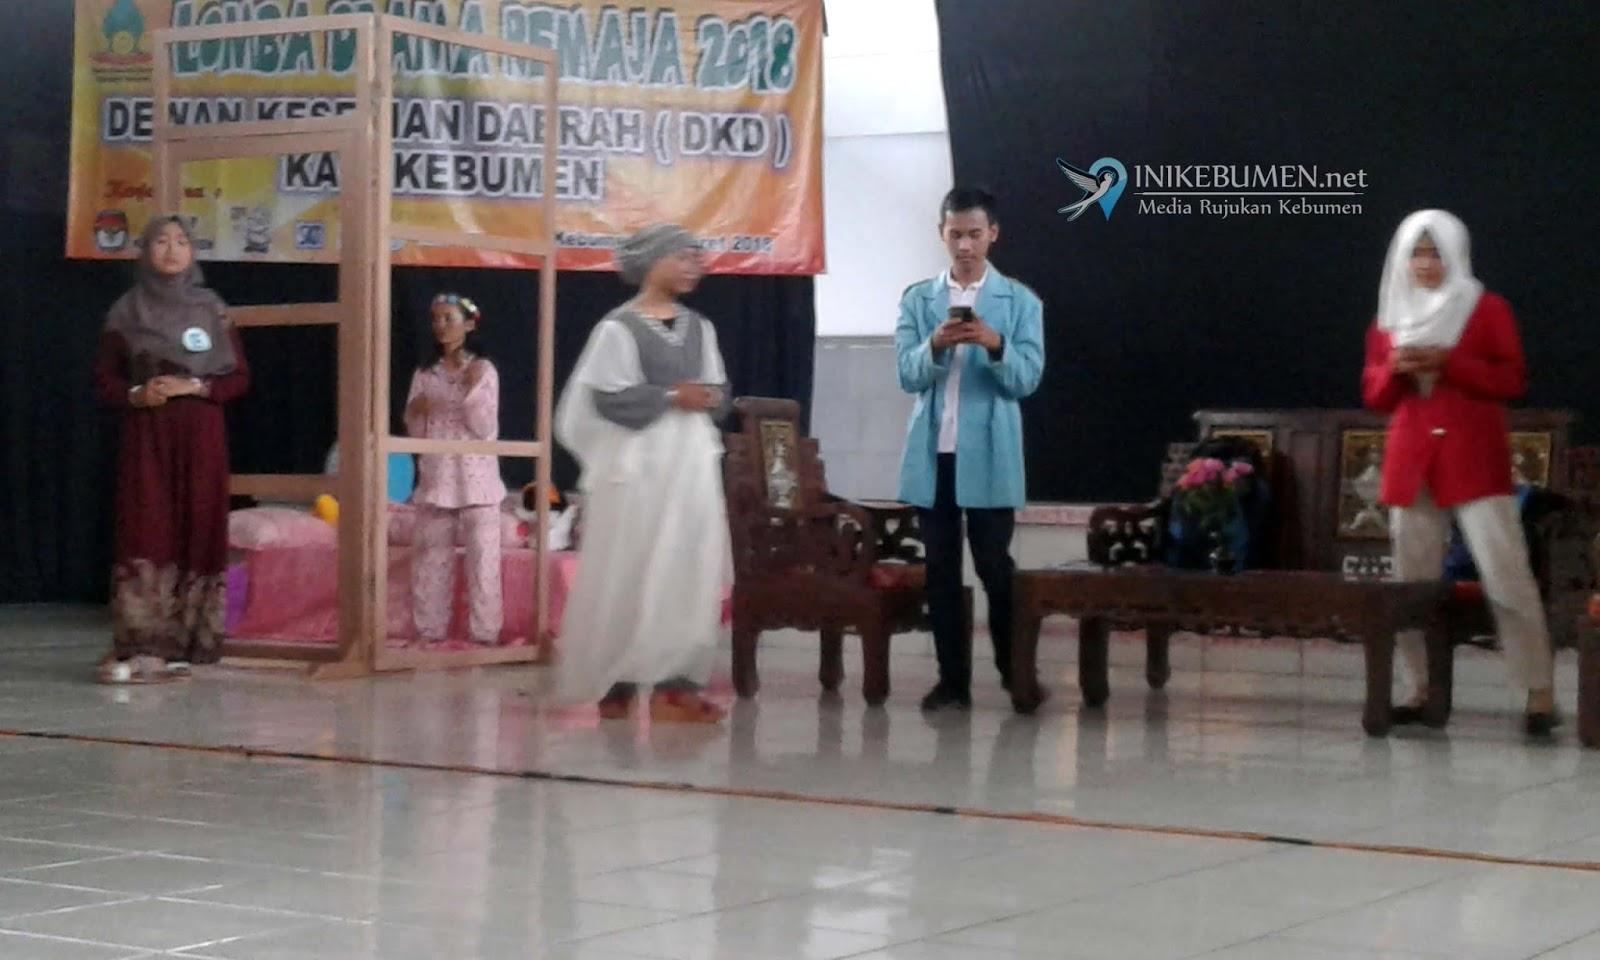 Lewat Lomba Drama Remaja, DKD Kebumen Sosialisasikan Pilgub Jateng